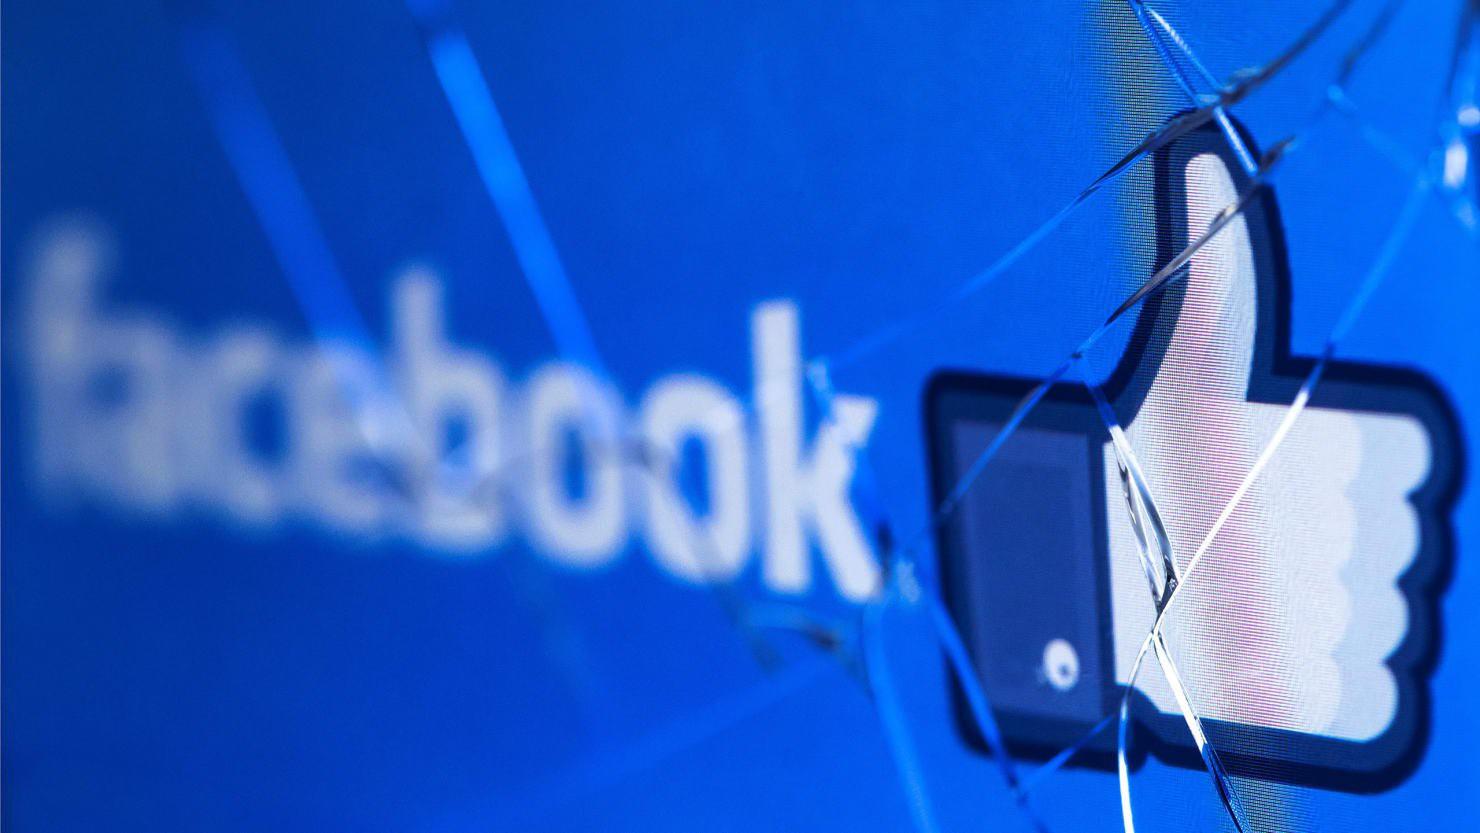 81.000 người dùng Facebook vừa bị hack tin nhắn Messenger, rao bán chỉ 2.000 đồng/tài khoản-2